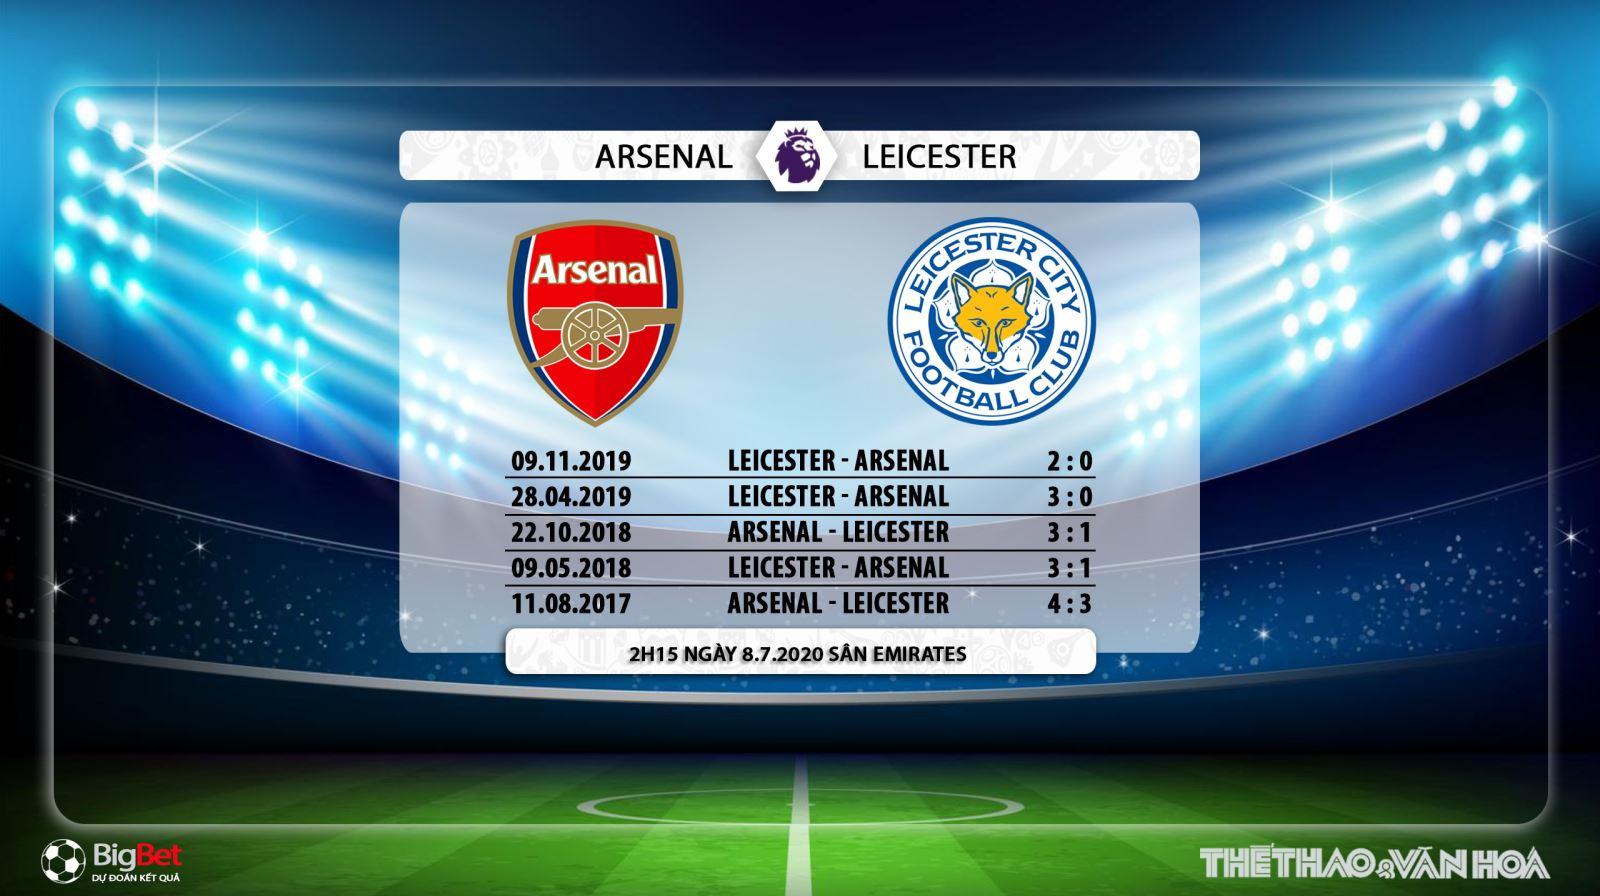 Arsenal vs Leicester, Arsenal, leicester, trực tiếp bóng đá, bóng đá, soi kèo, kèo bóng đá, lịch thi đấu